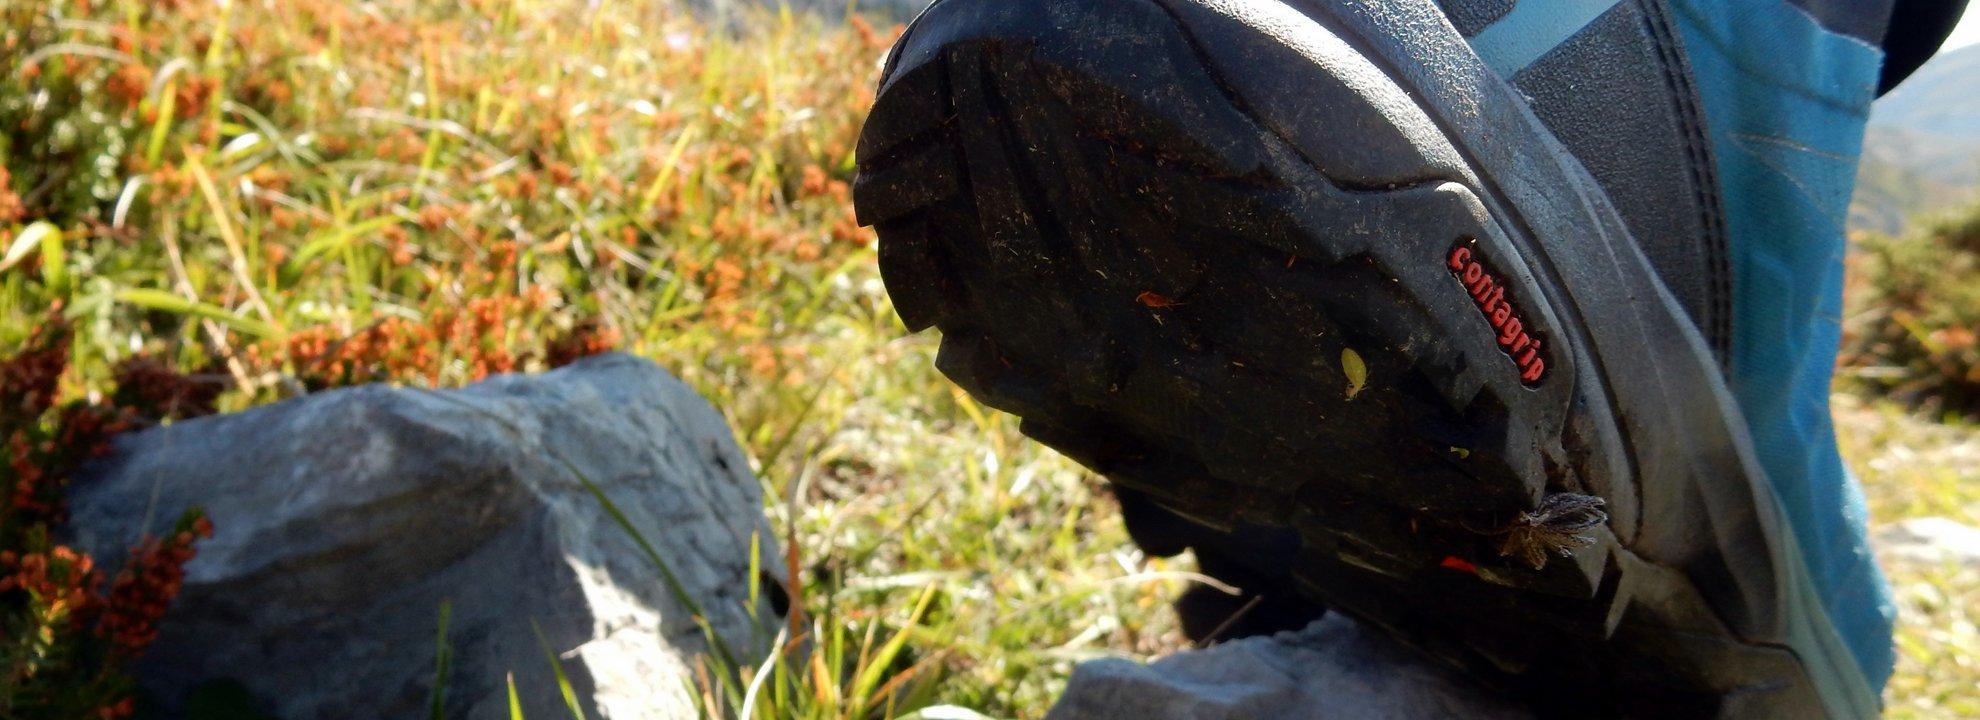 Mejor Cuál Para Calzado Blog Es De El Montaña Montaña La Suela rwgEqIg